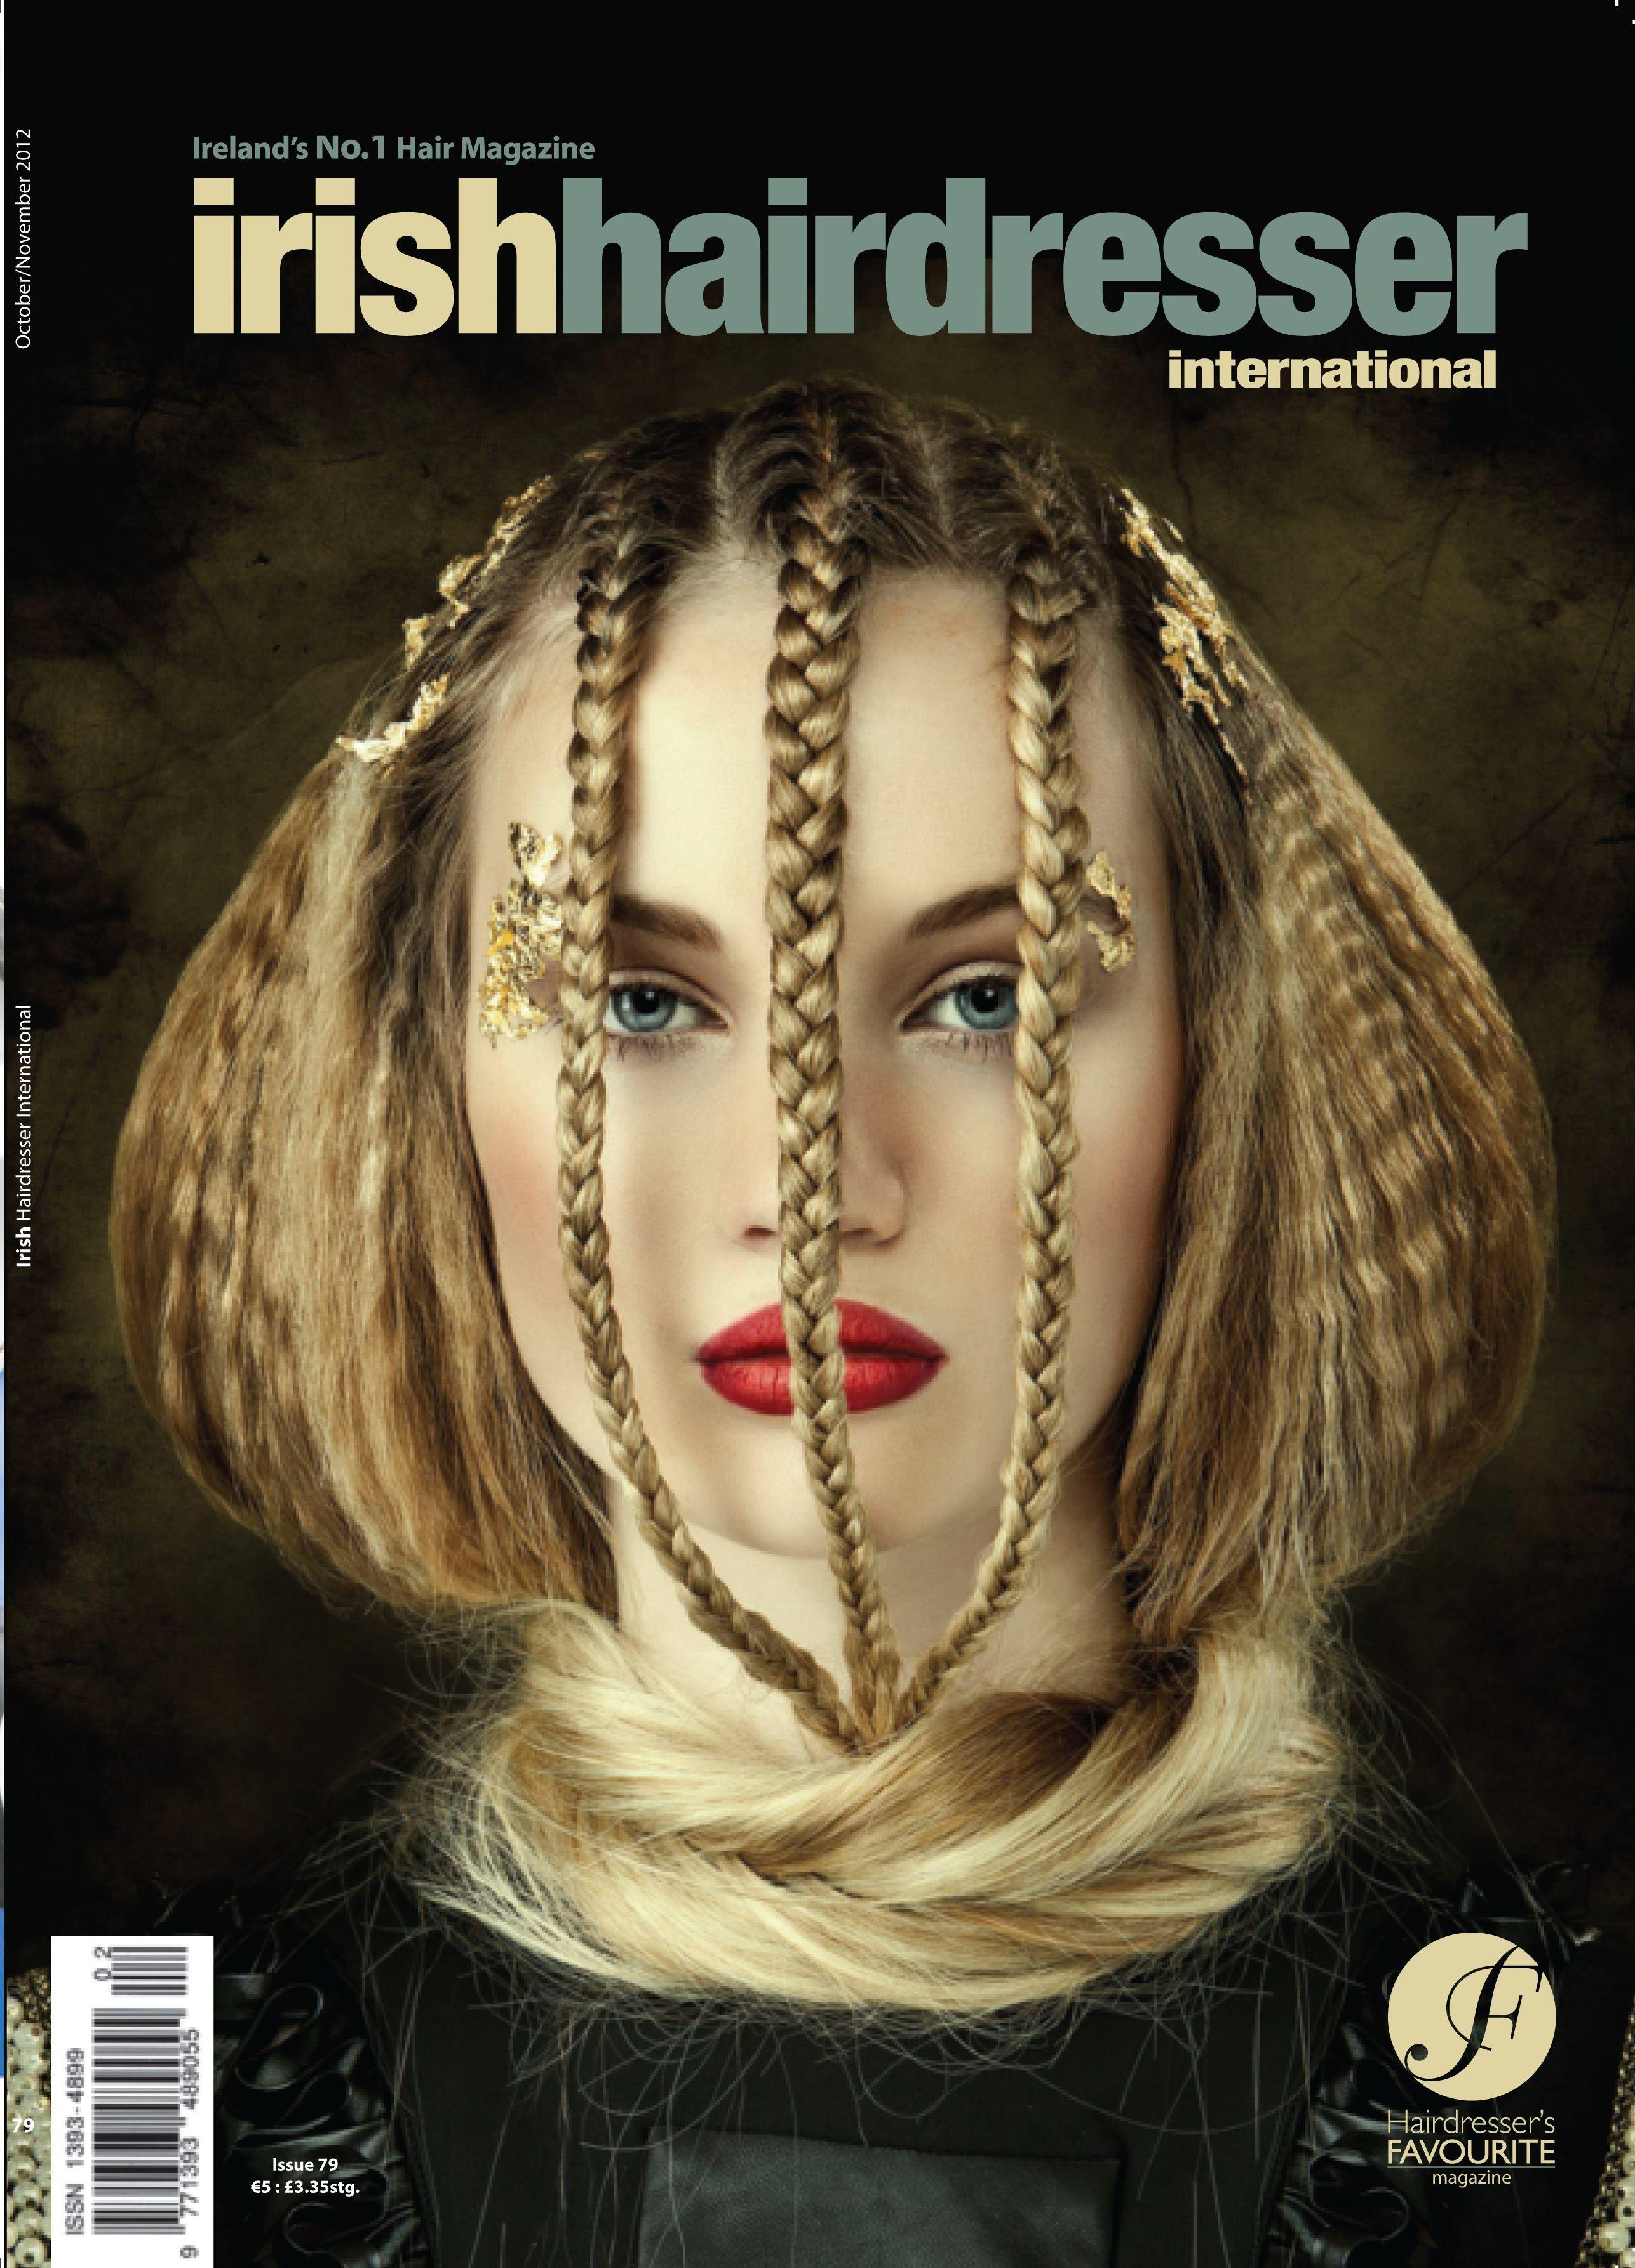 Cover 79 Hair Helen Reavey For Peter Mark Photo Ronnie Norton Dn Design Retouching Hair Alternative Hair Artistic Hair